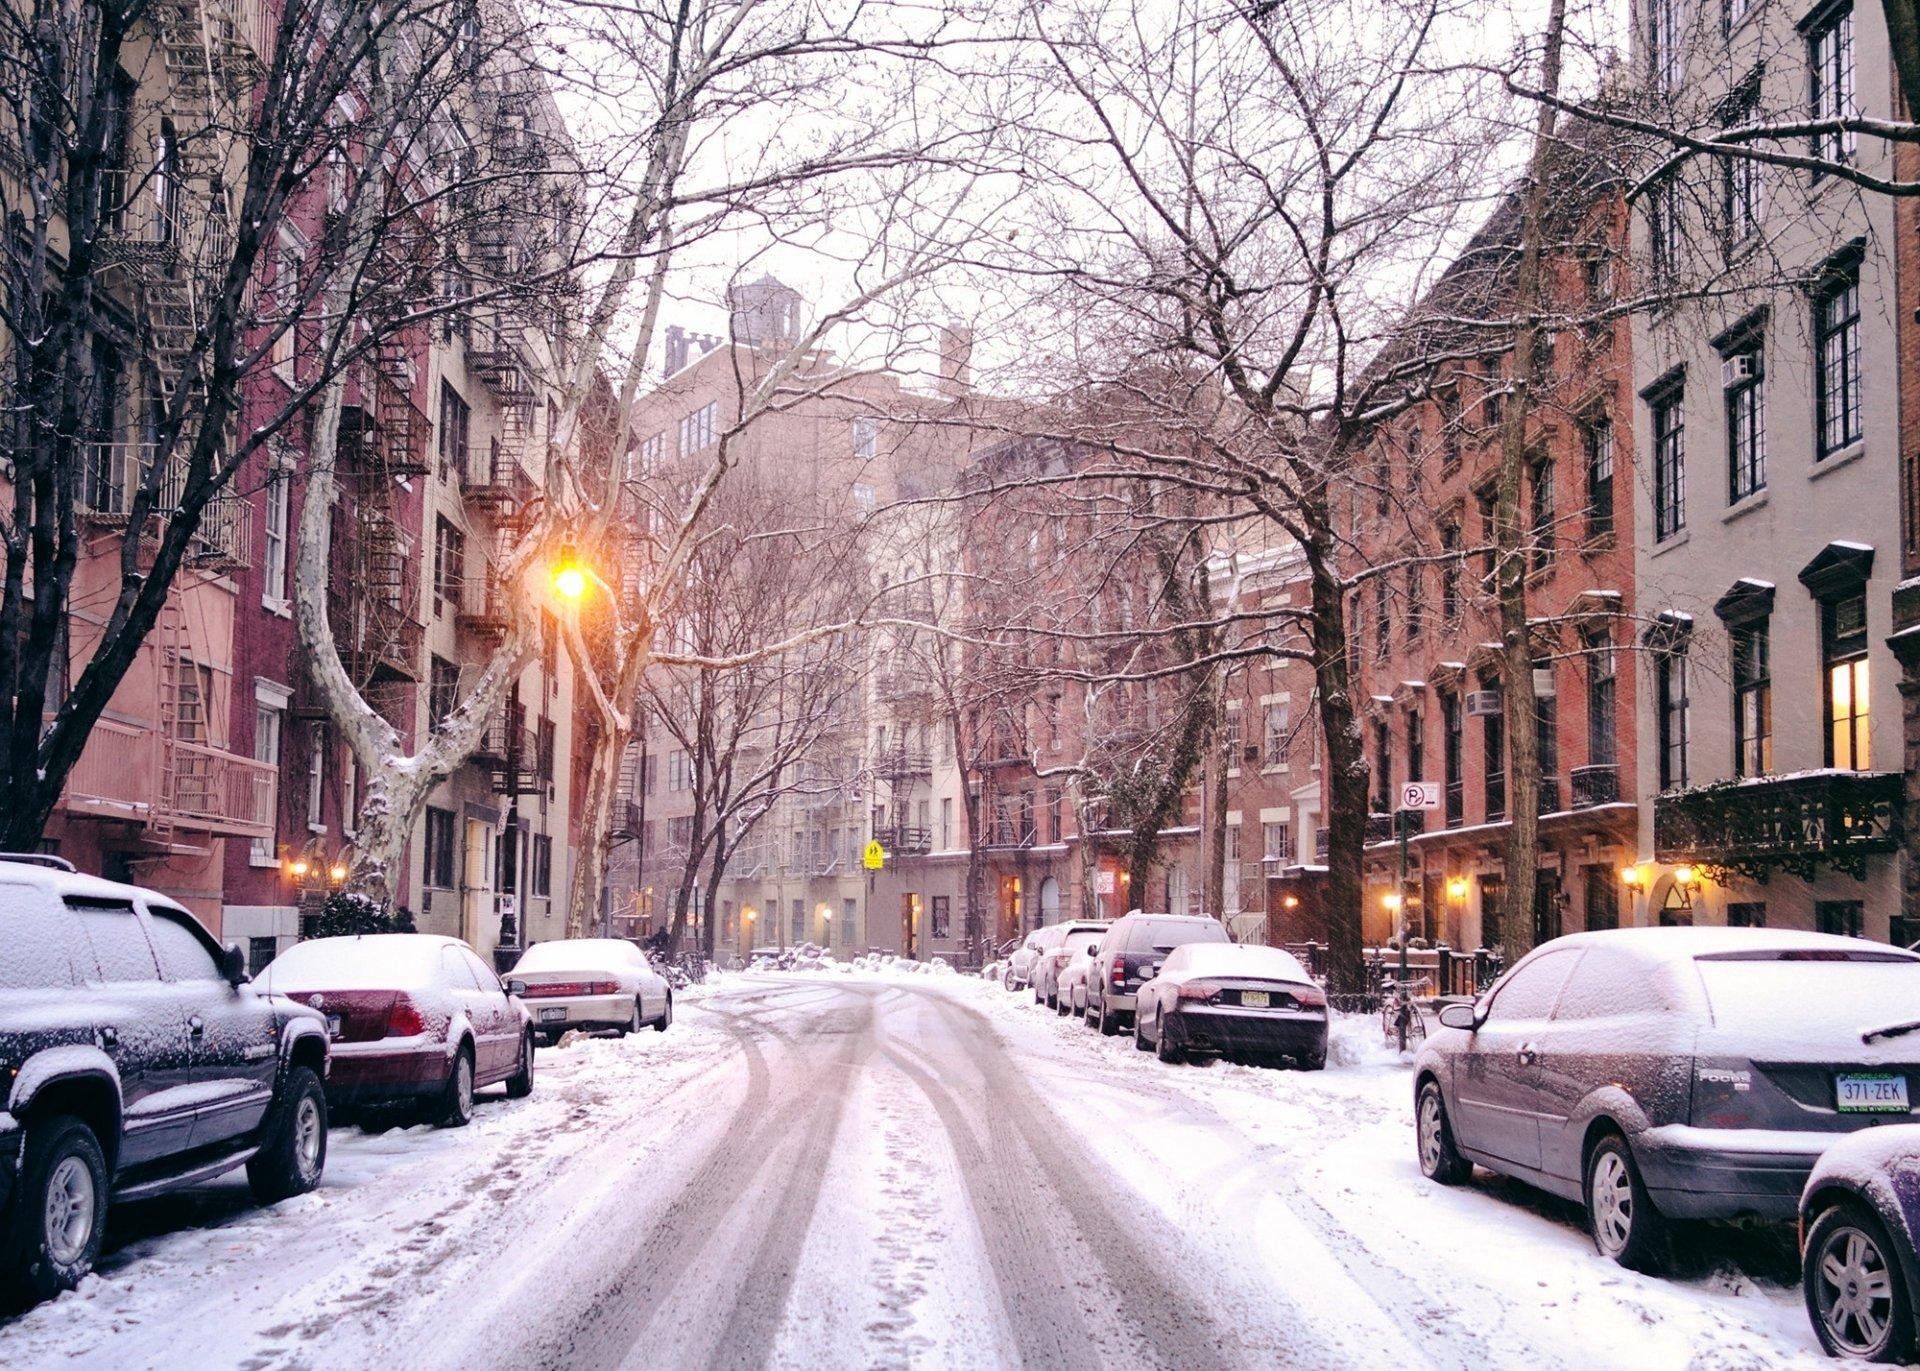 Обои На Рабочий Стол Зима В Городе